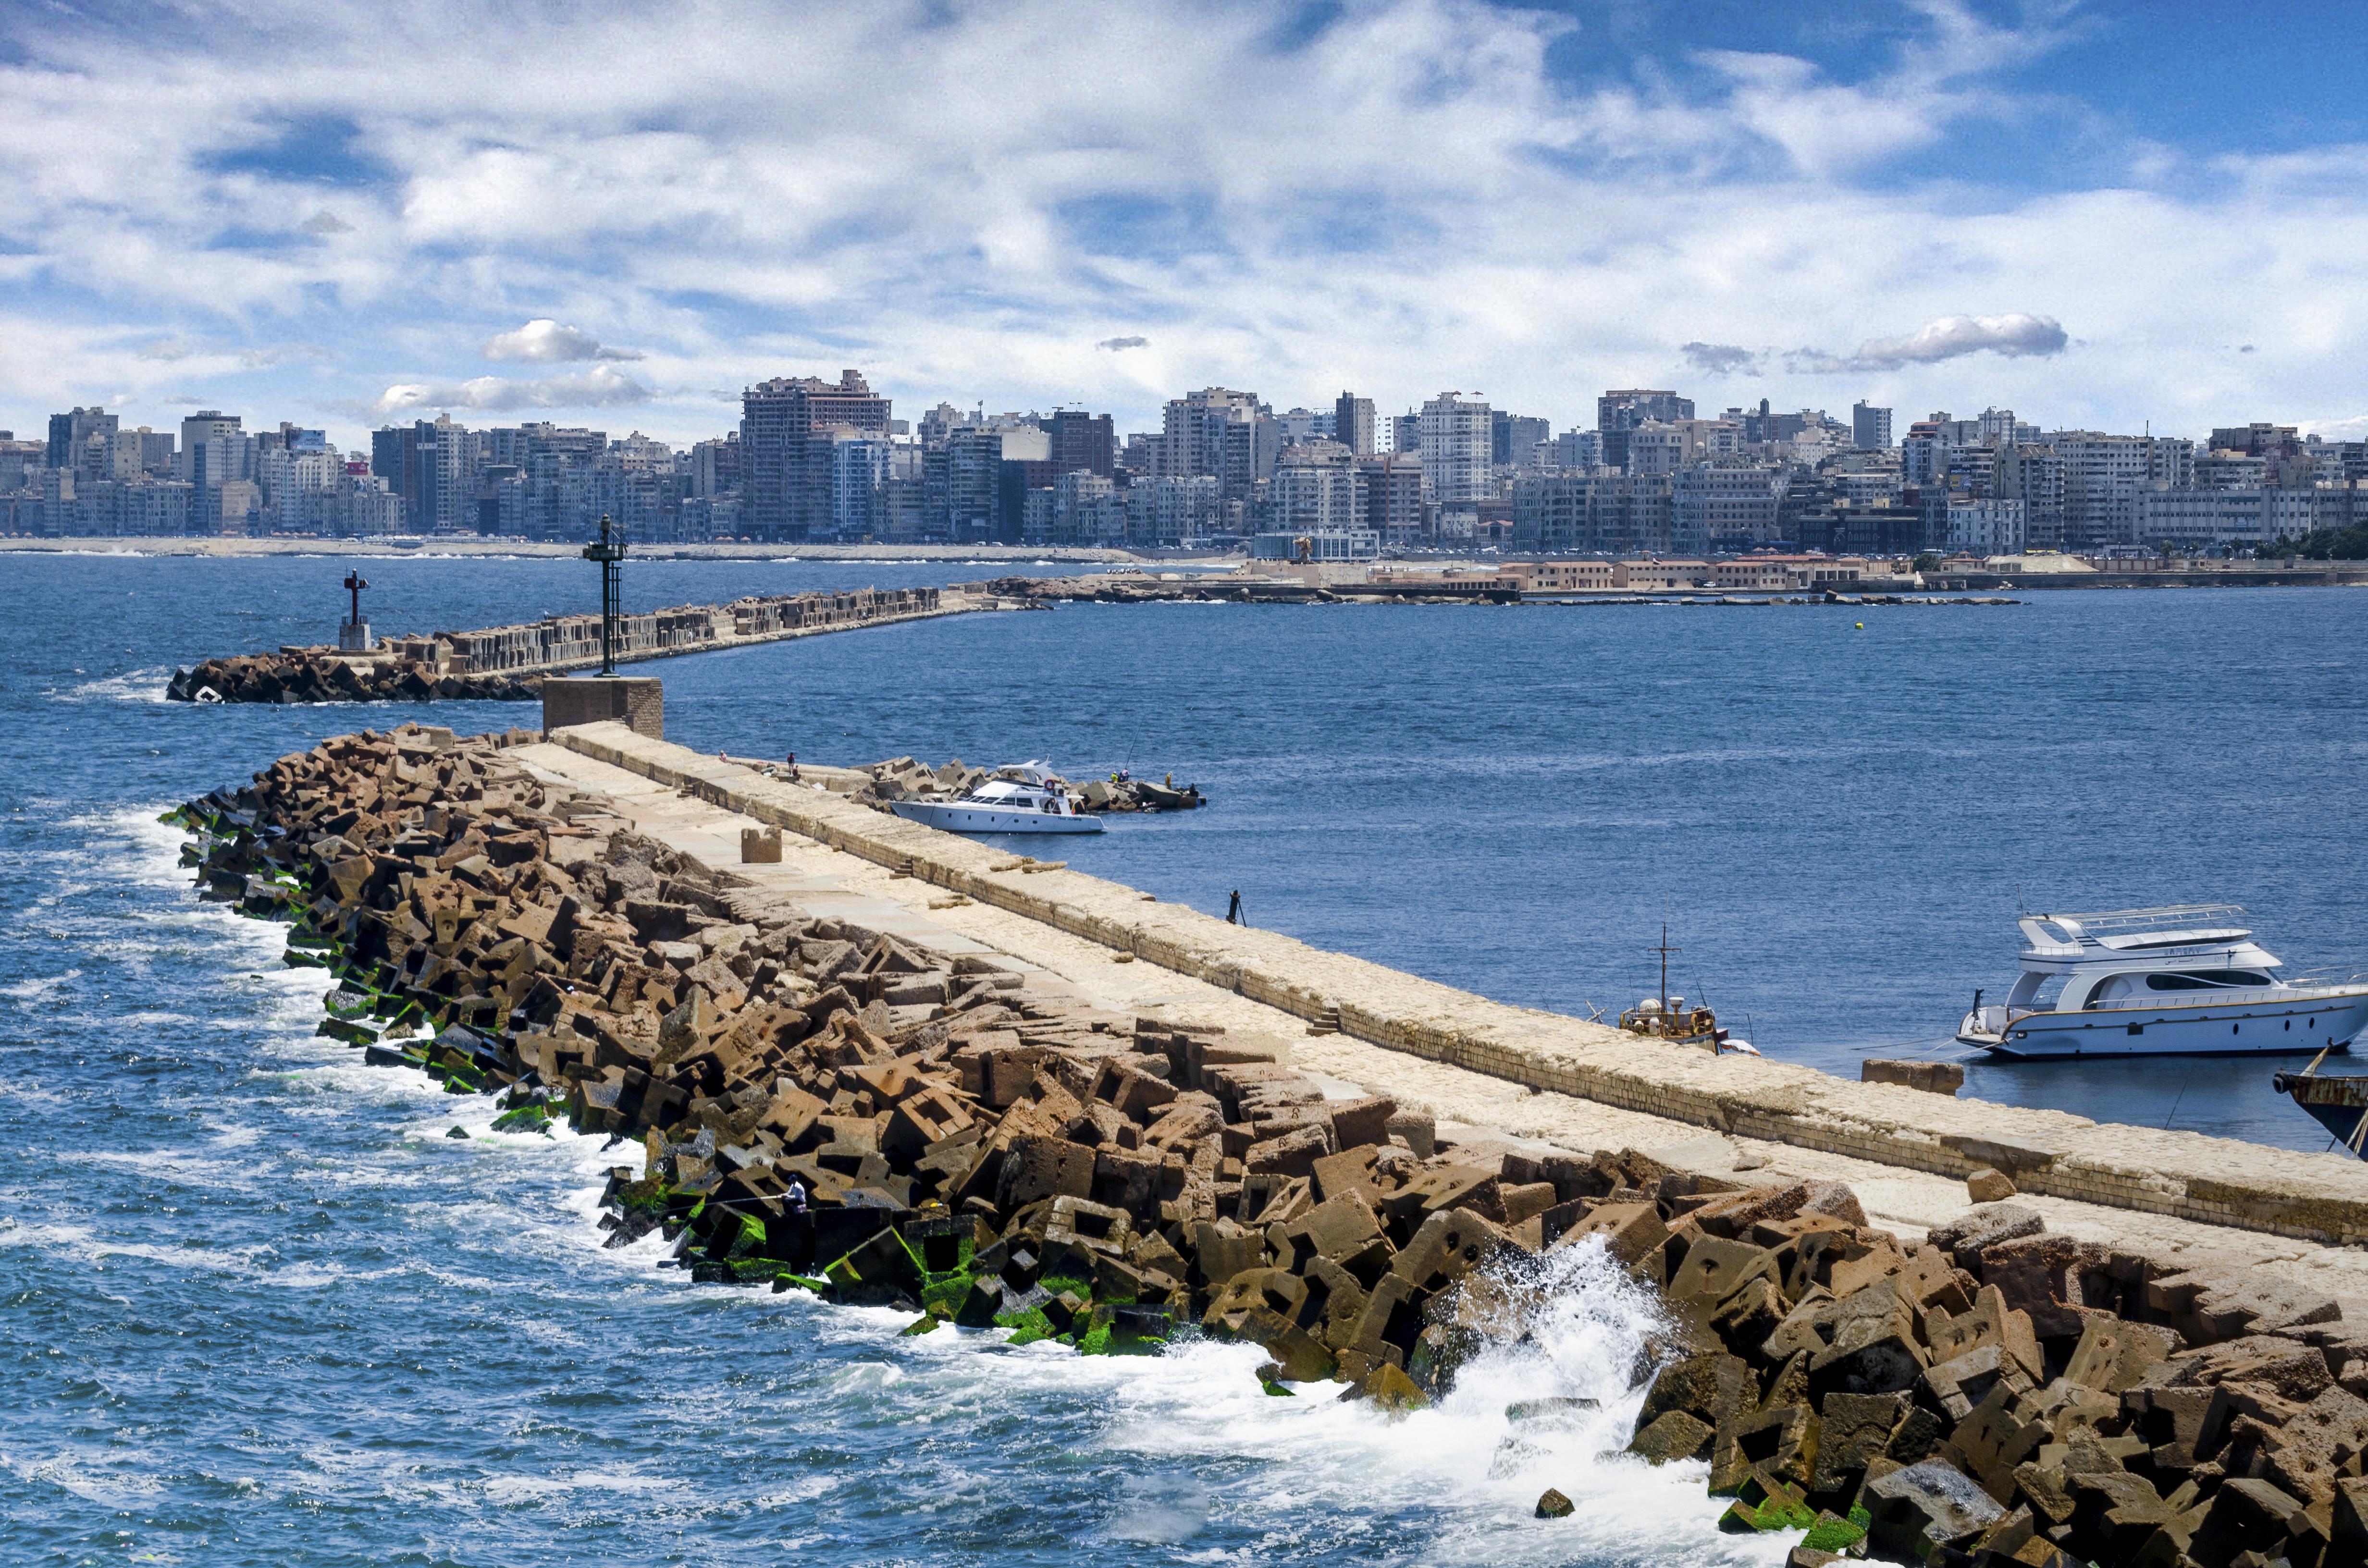 File:لسان الاسكندرية 2.jpg